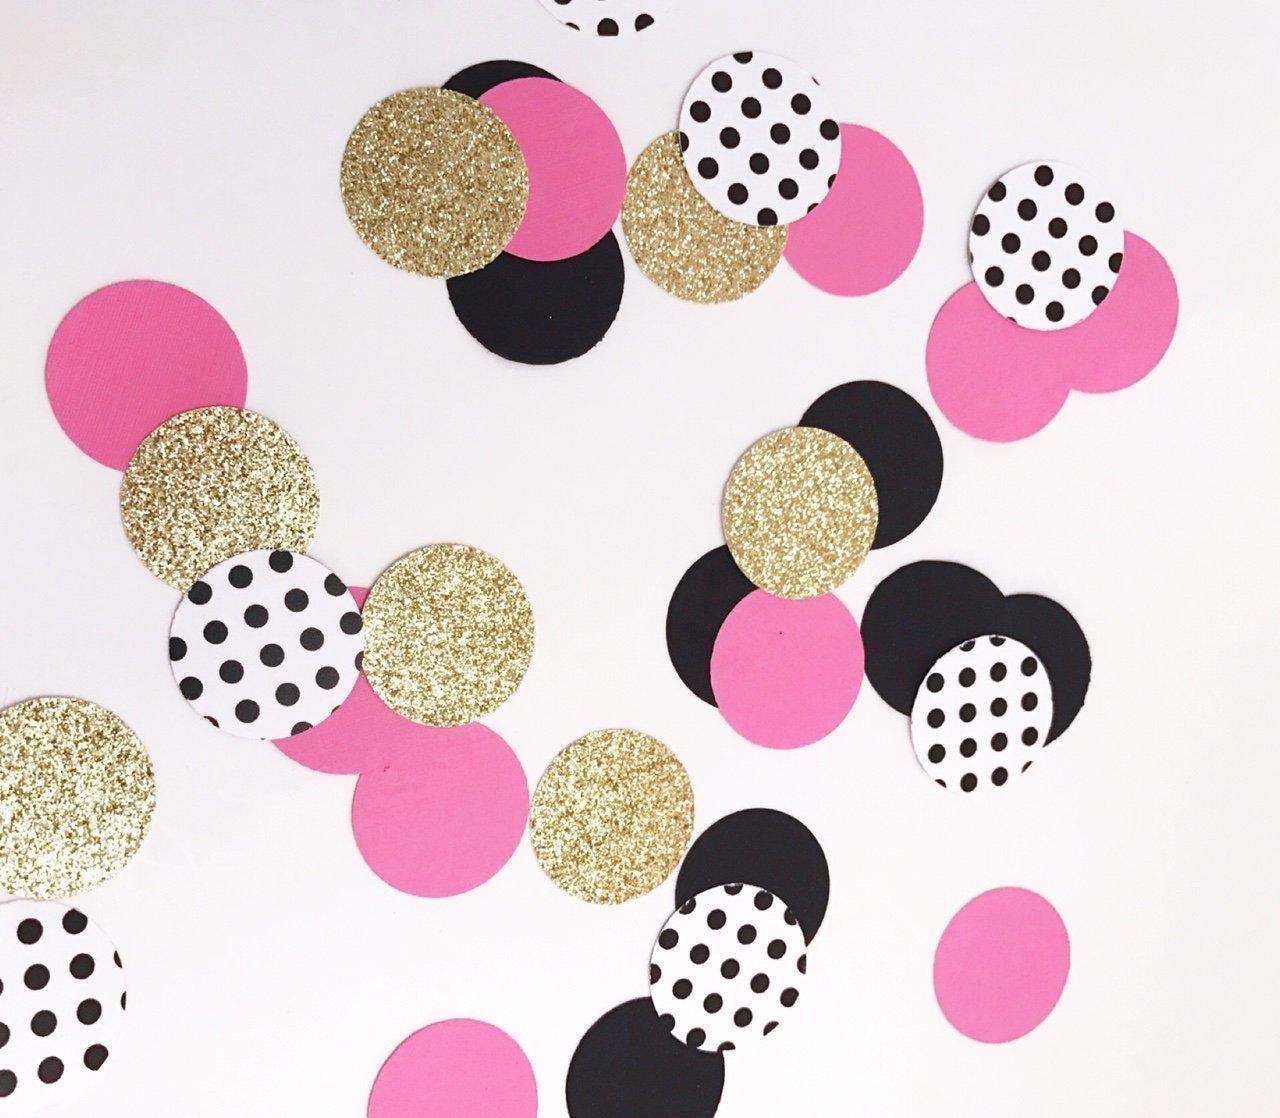 paris party confetti bridal shower confetti paris confetti wedding confetti bachelorette party